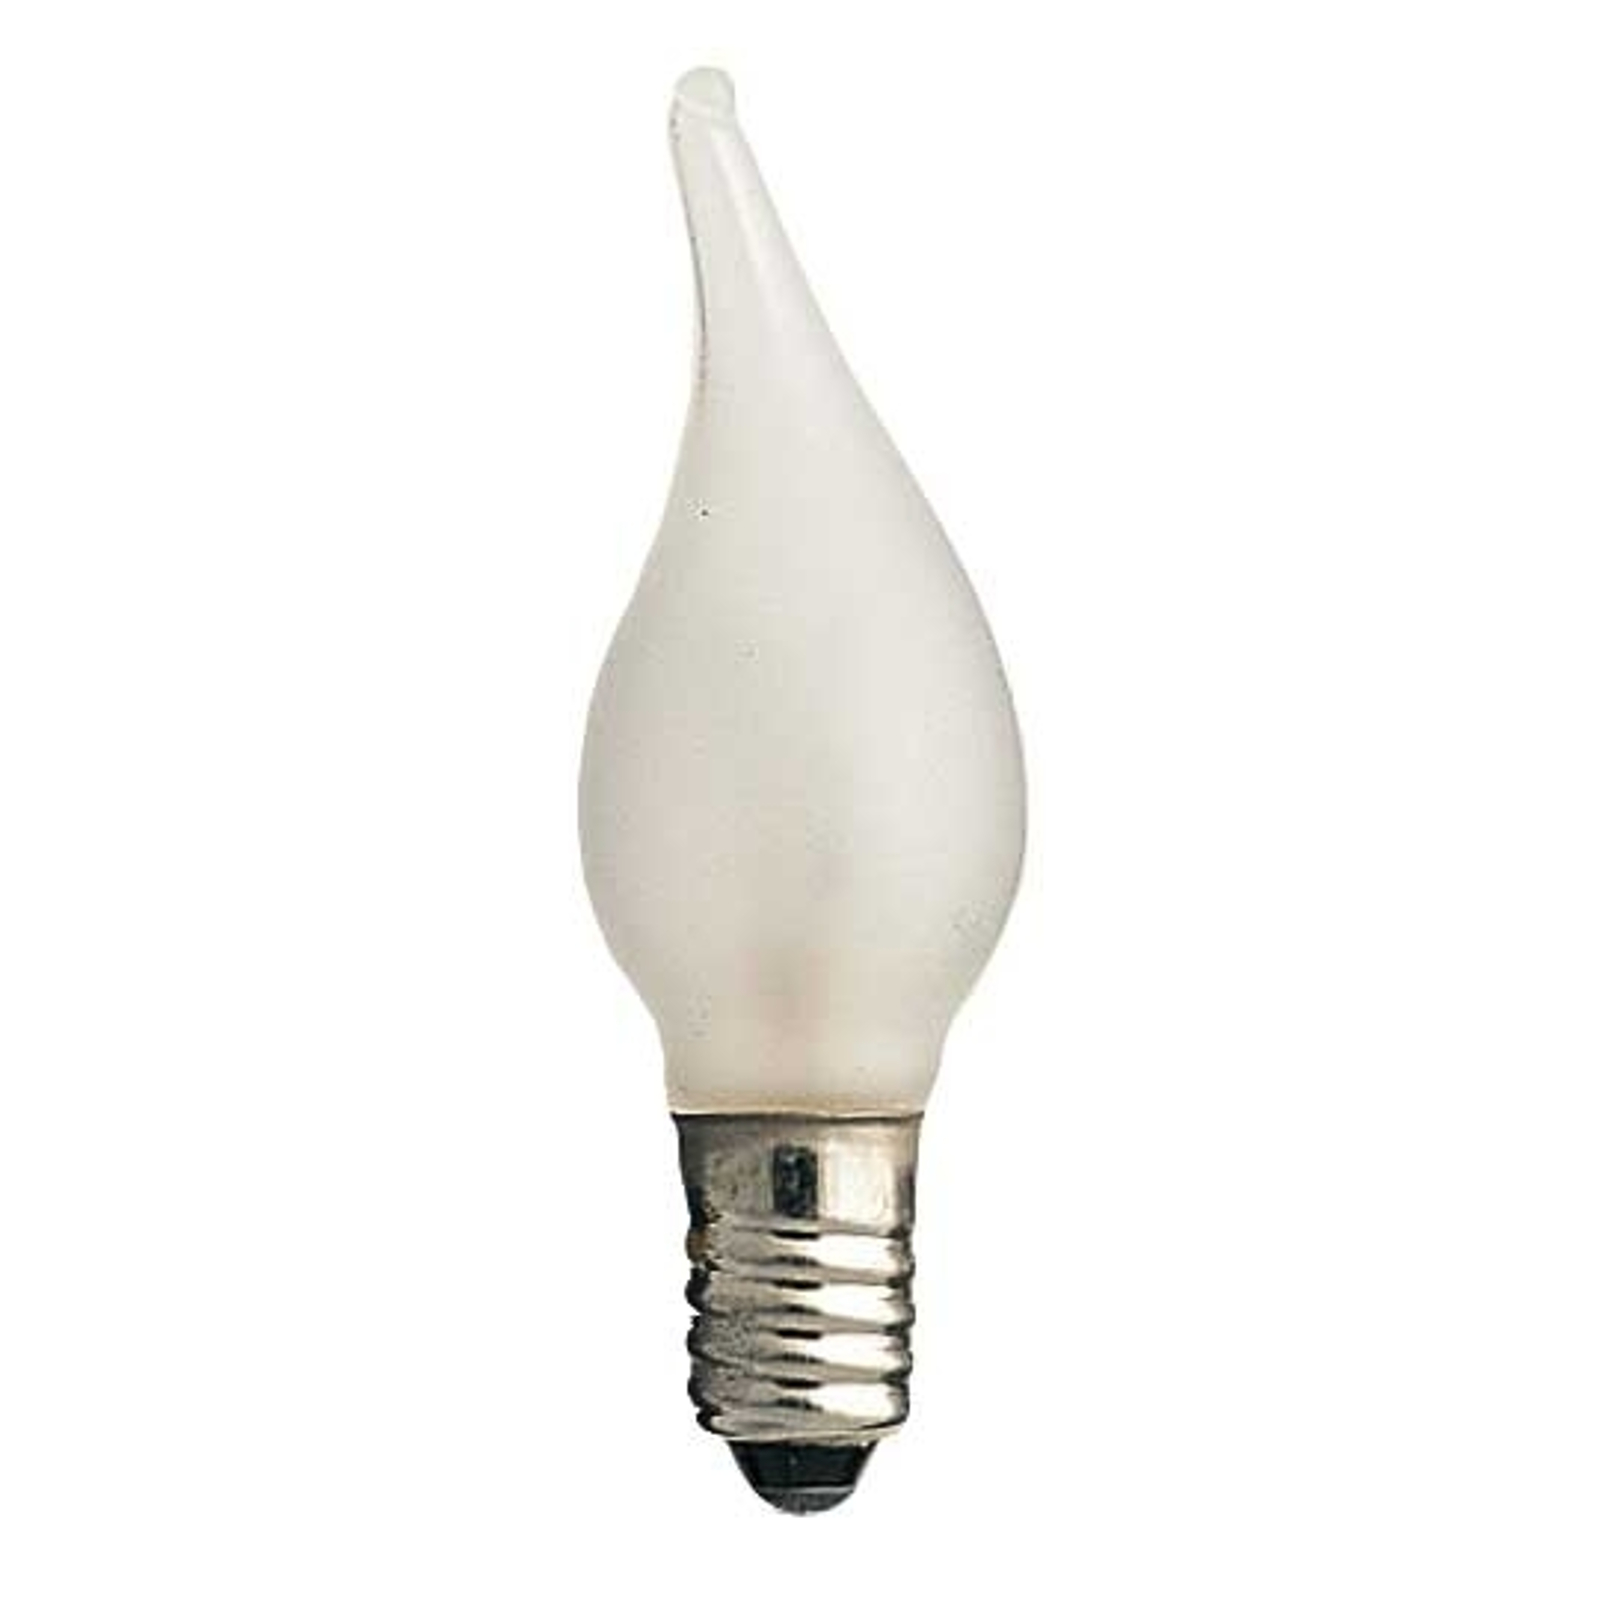 E10 3W 24V lampki podmuch wiatru opakowanie 3 szt